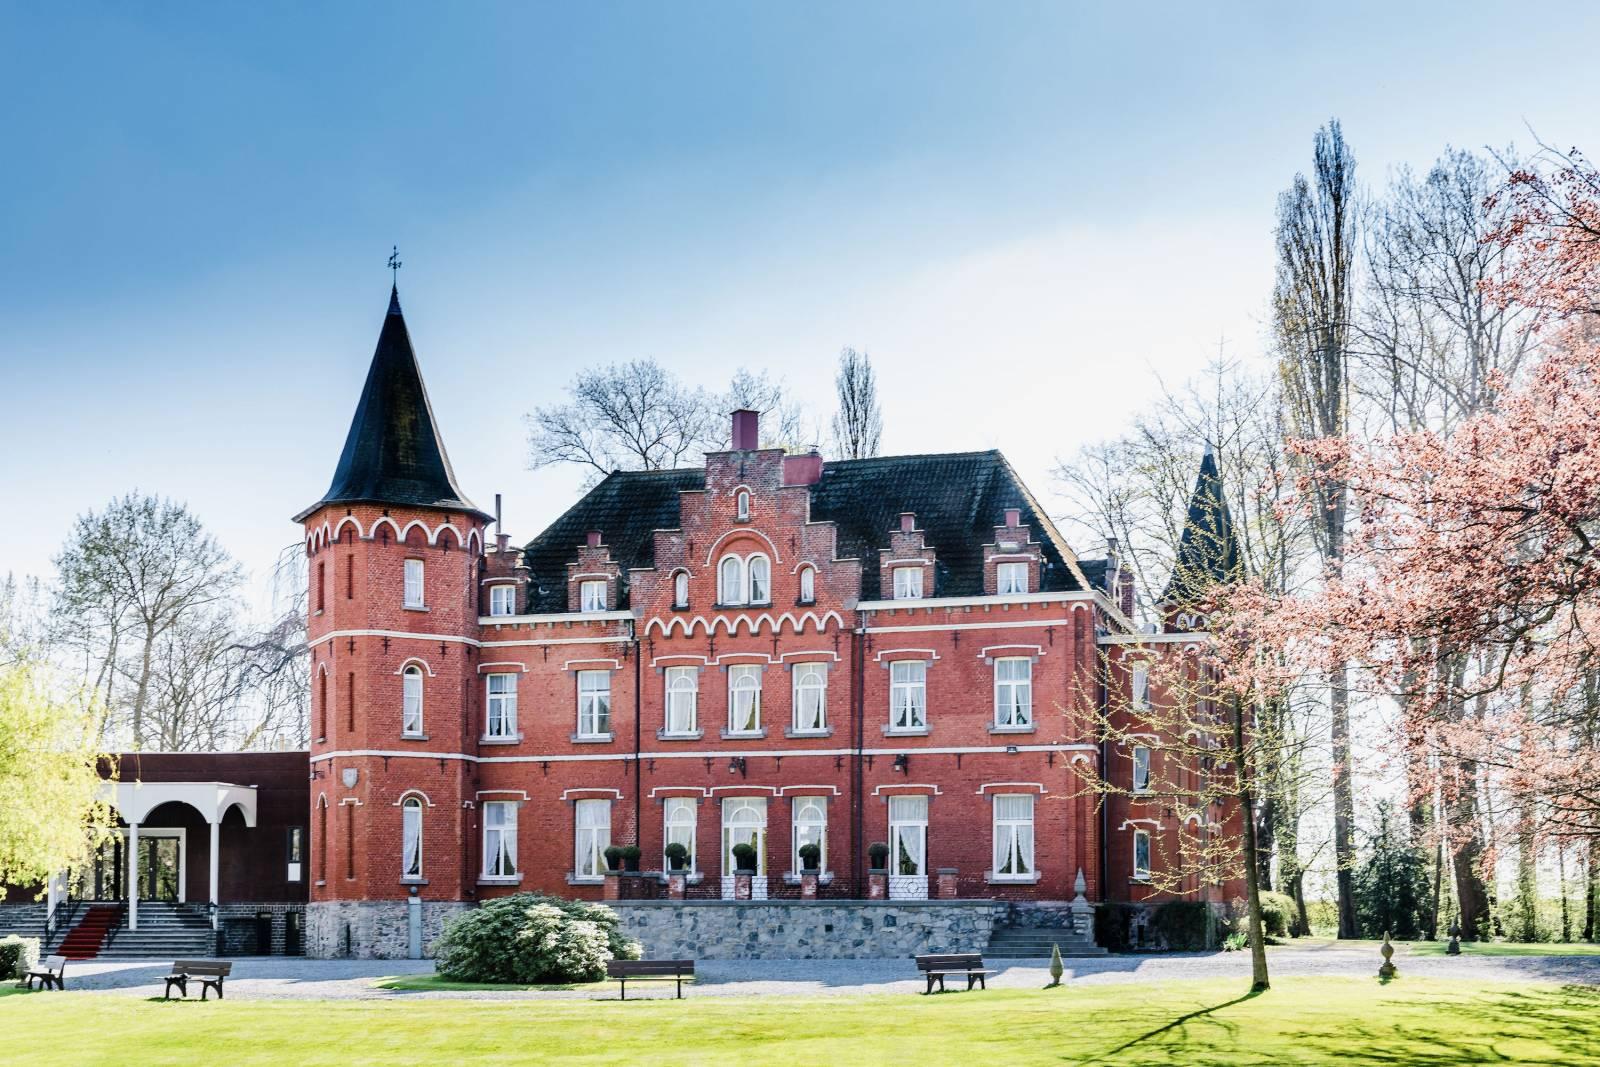 Le Saulchoir - House of Weddings - 10